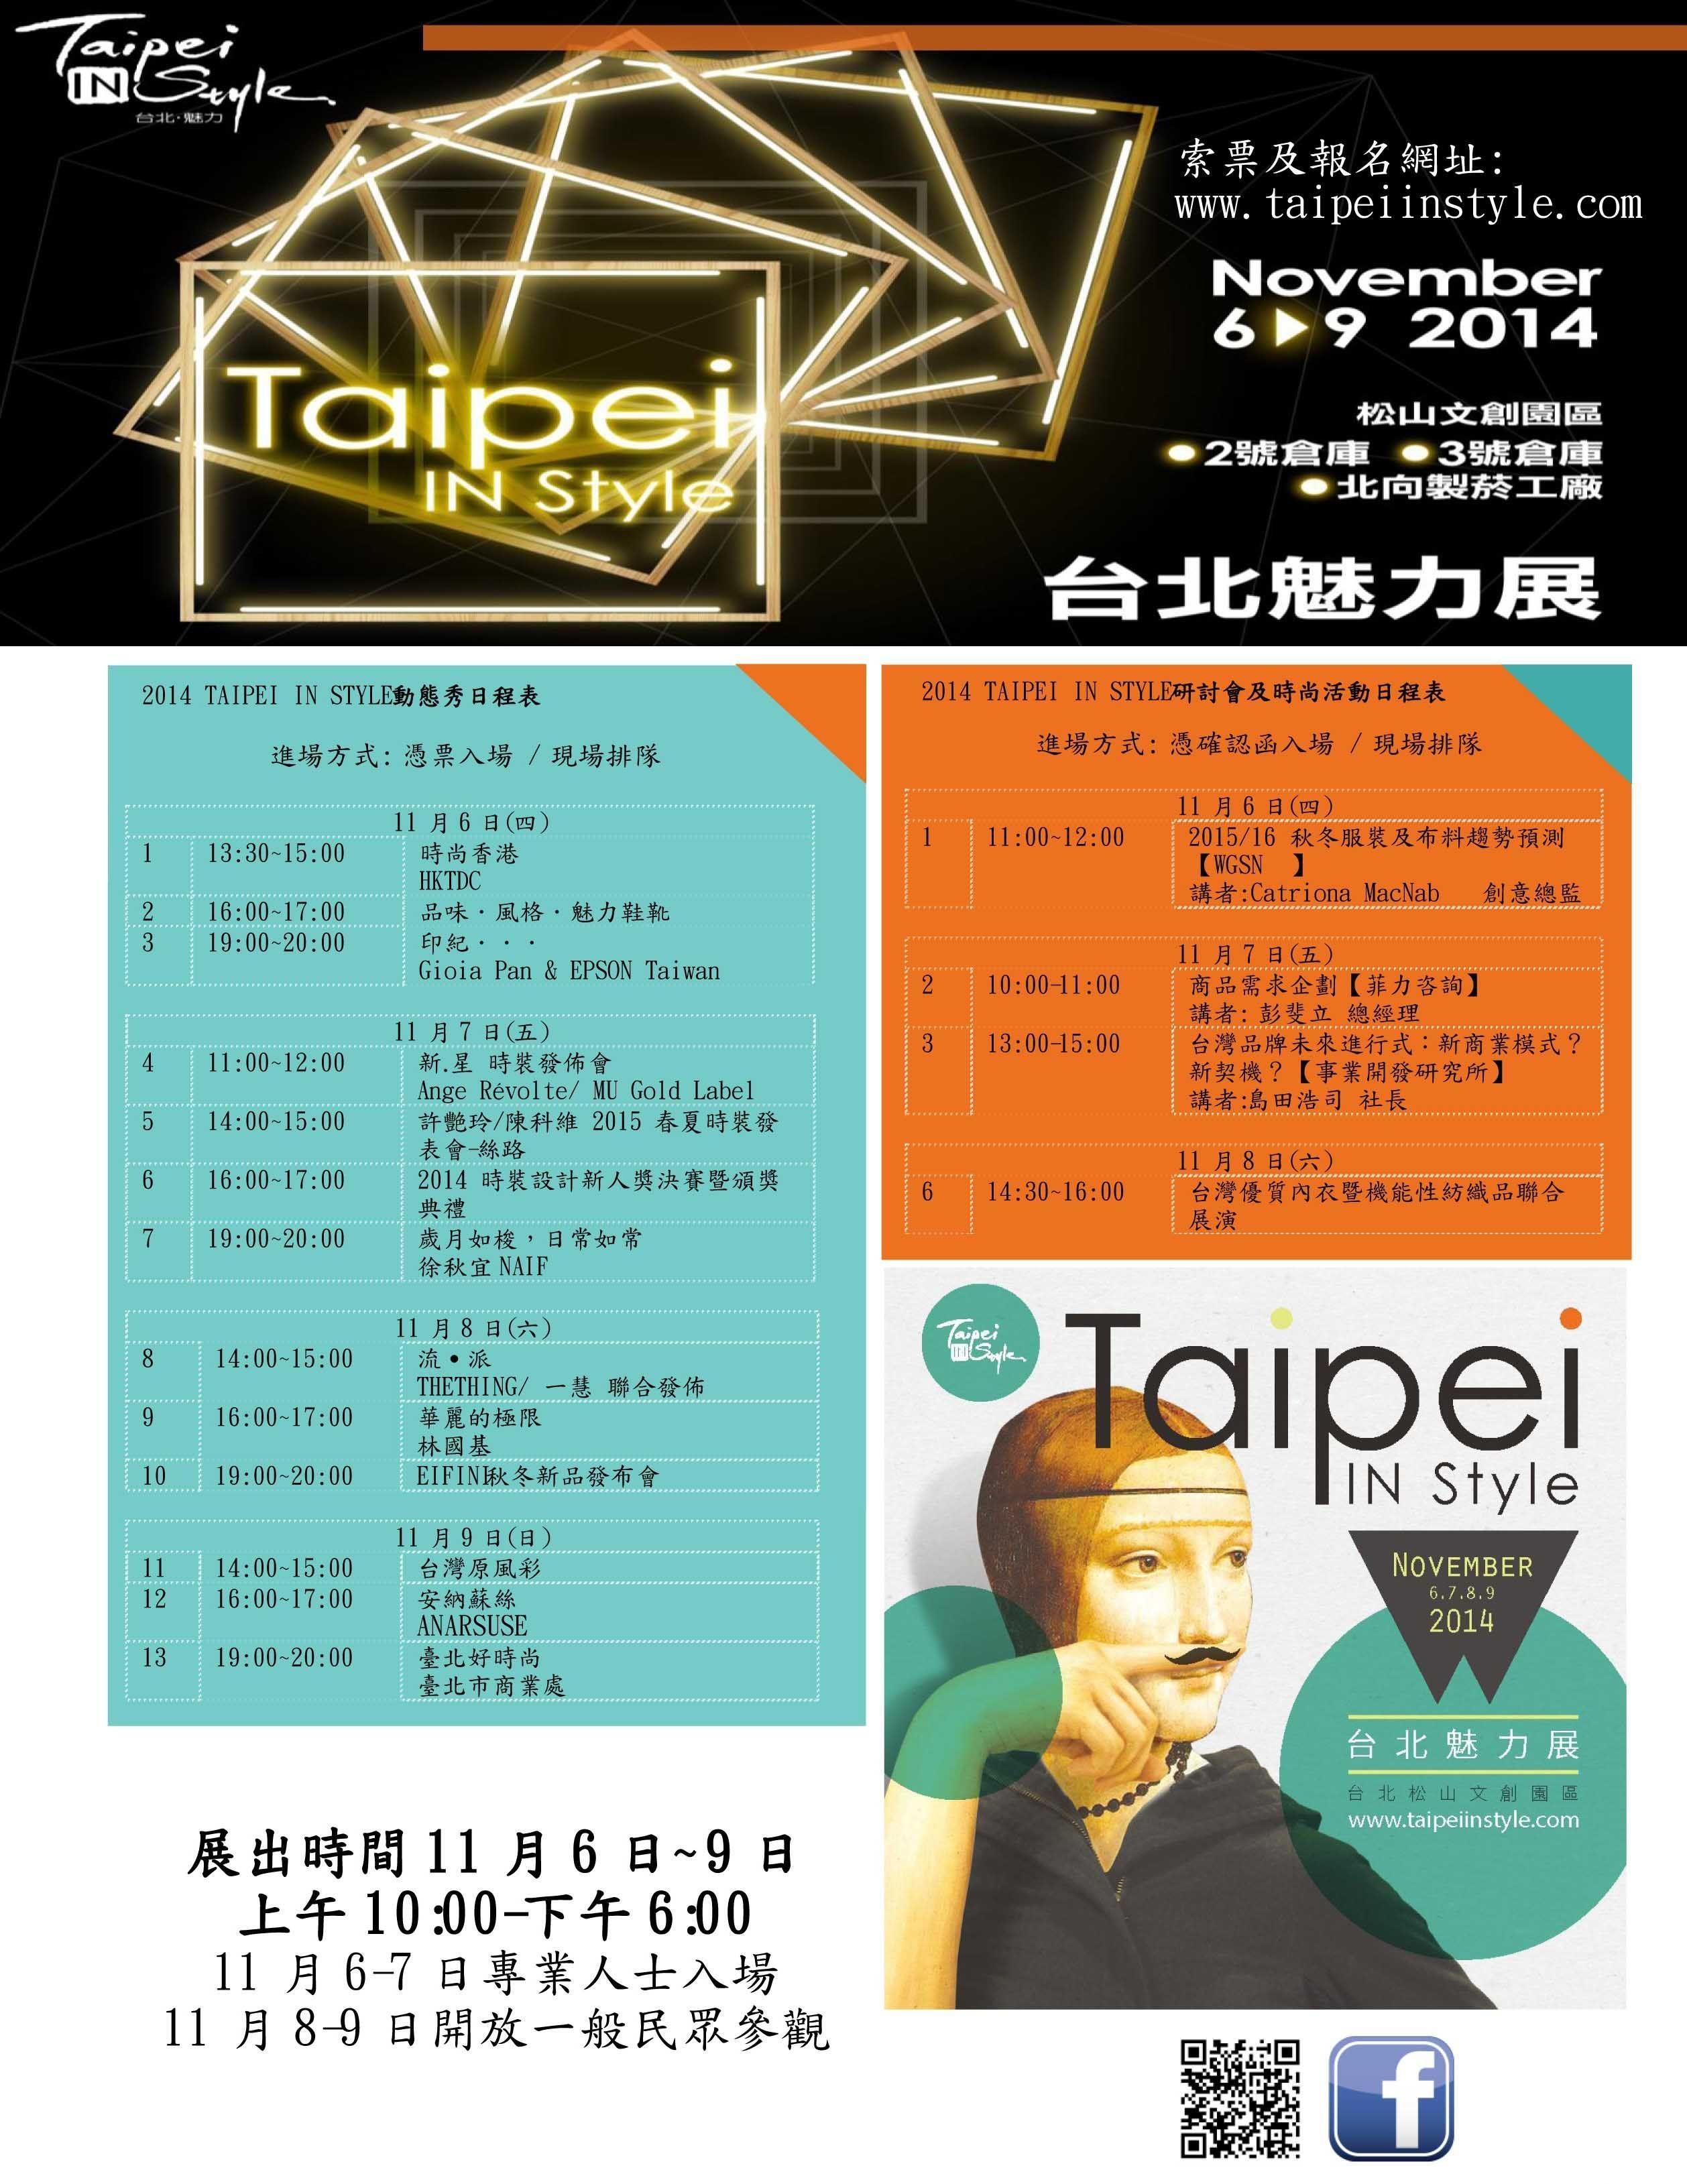 第十屆「台北魅力展(Taipei IN Style)」秋季展動態服裝秀場次表 (1).jpg